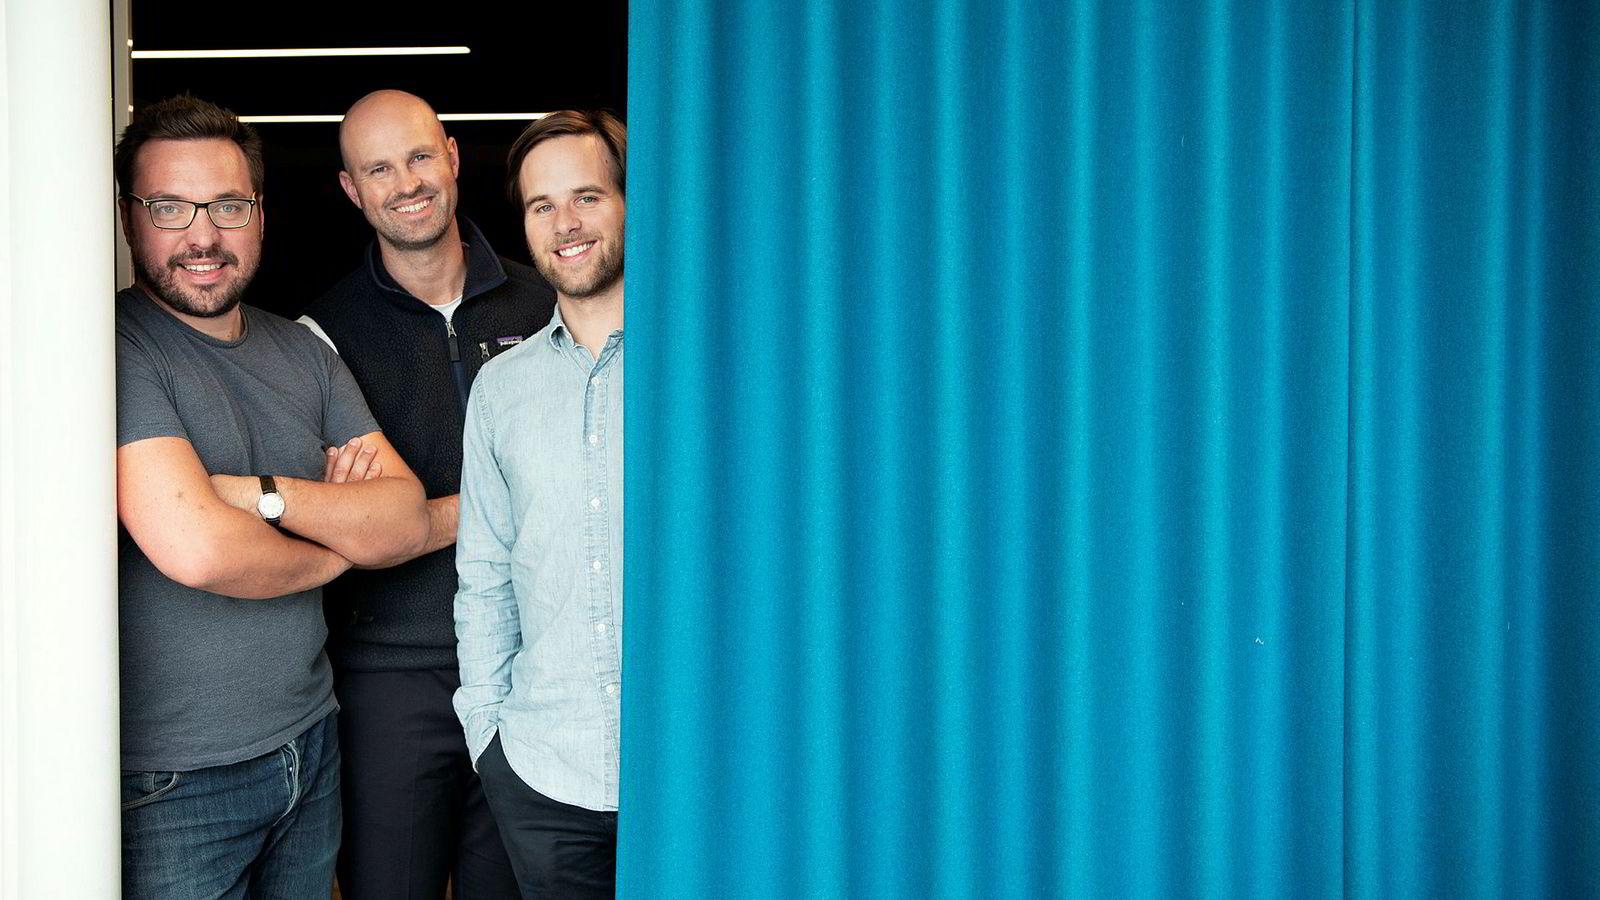 Fra venstre teknologidirektør Carl Christensen, styreleder Anders Kvåle (midten) og administrerende direktør Håvard Haukeland i Spacemaker.